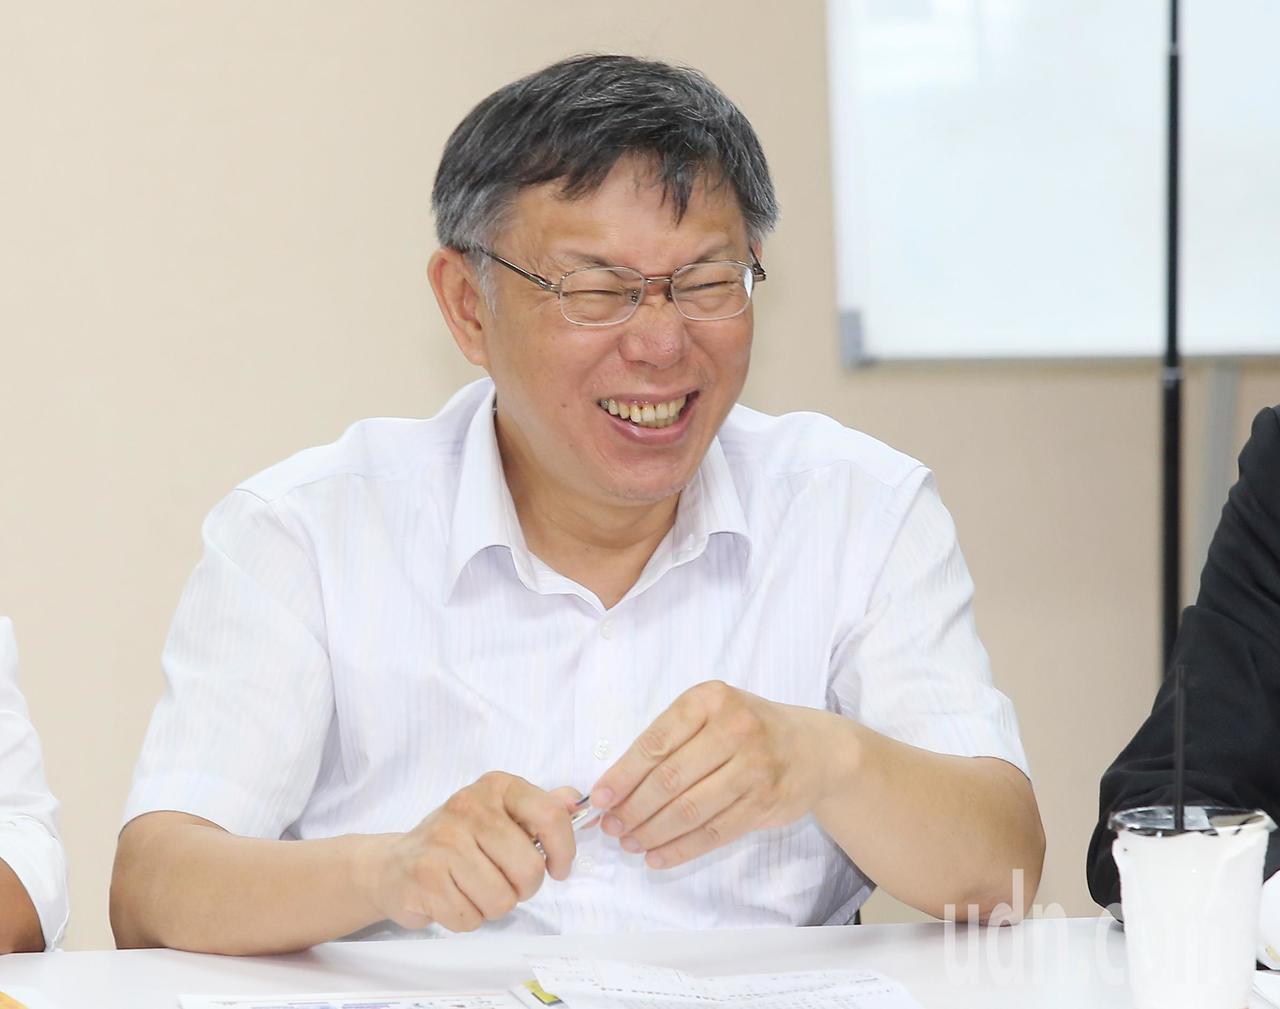 台北市長柯文哲今天率領市府團隊,拜會台北市議會民進黨團,。記者高彬原/攝影